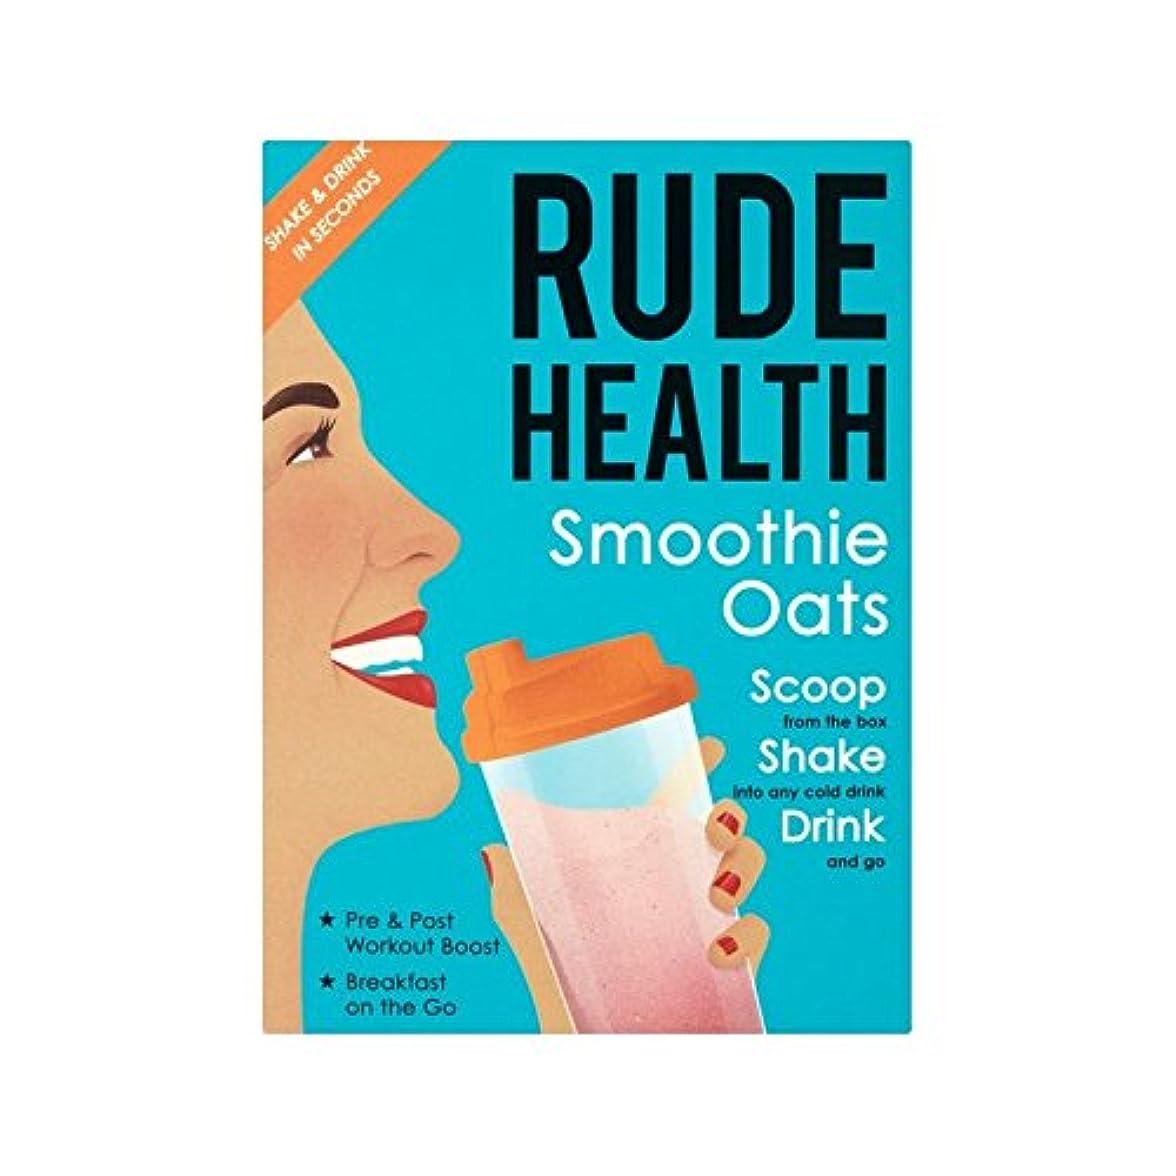 南東会社配分スムージーオート麦250グラム (Rude Health) - Rude Health Smoothie Oats 250g [並行輸入品]